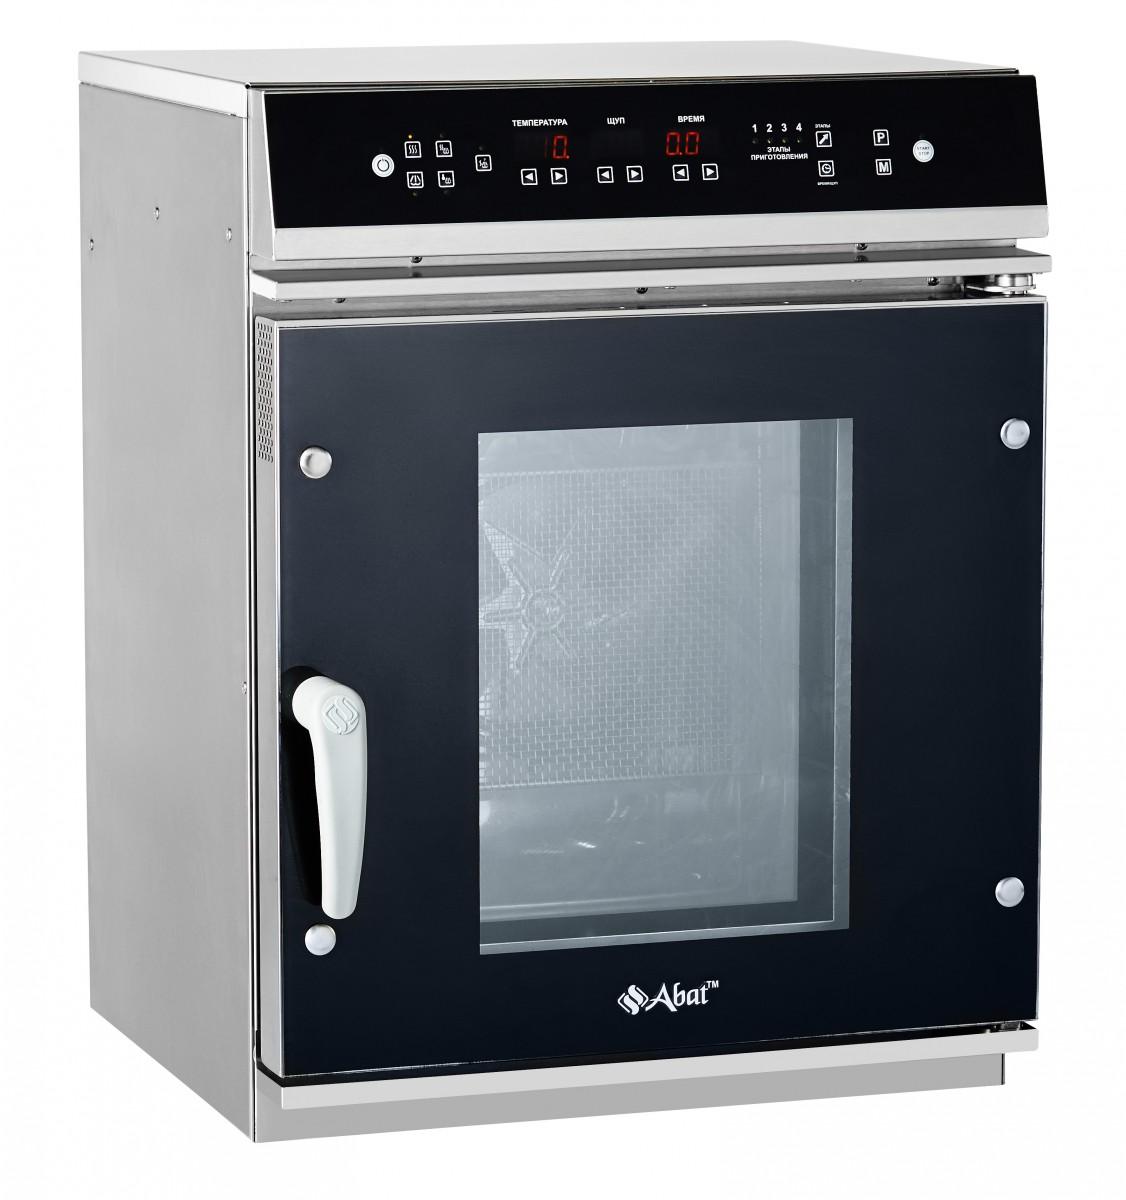 посудомоечная машина mach 90 инструкция